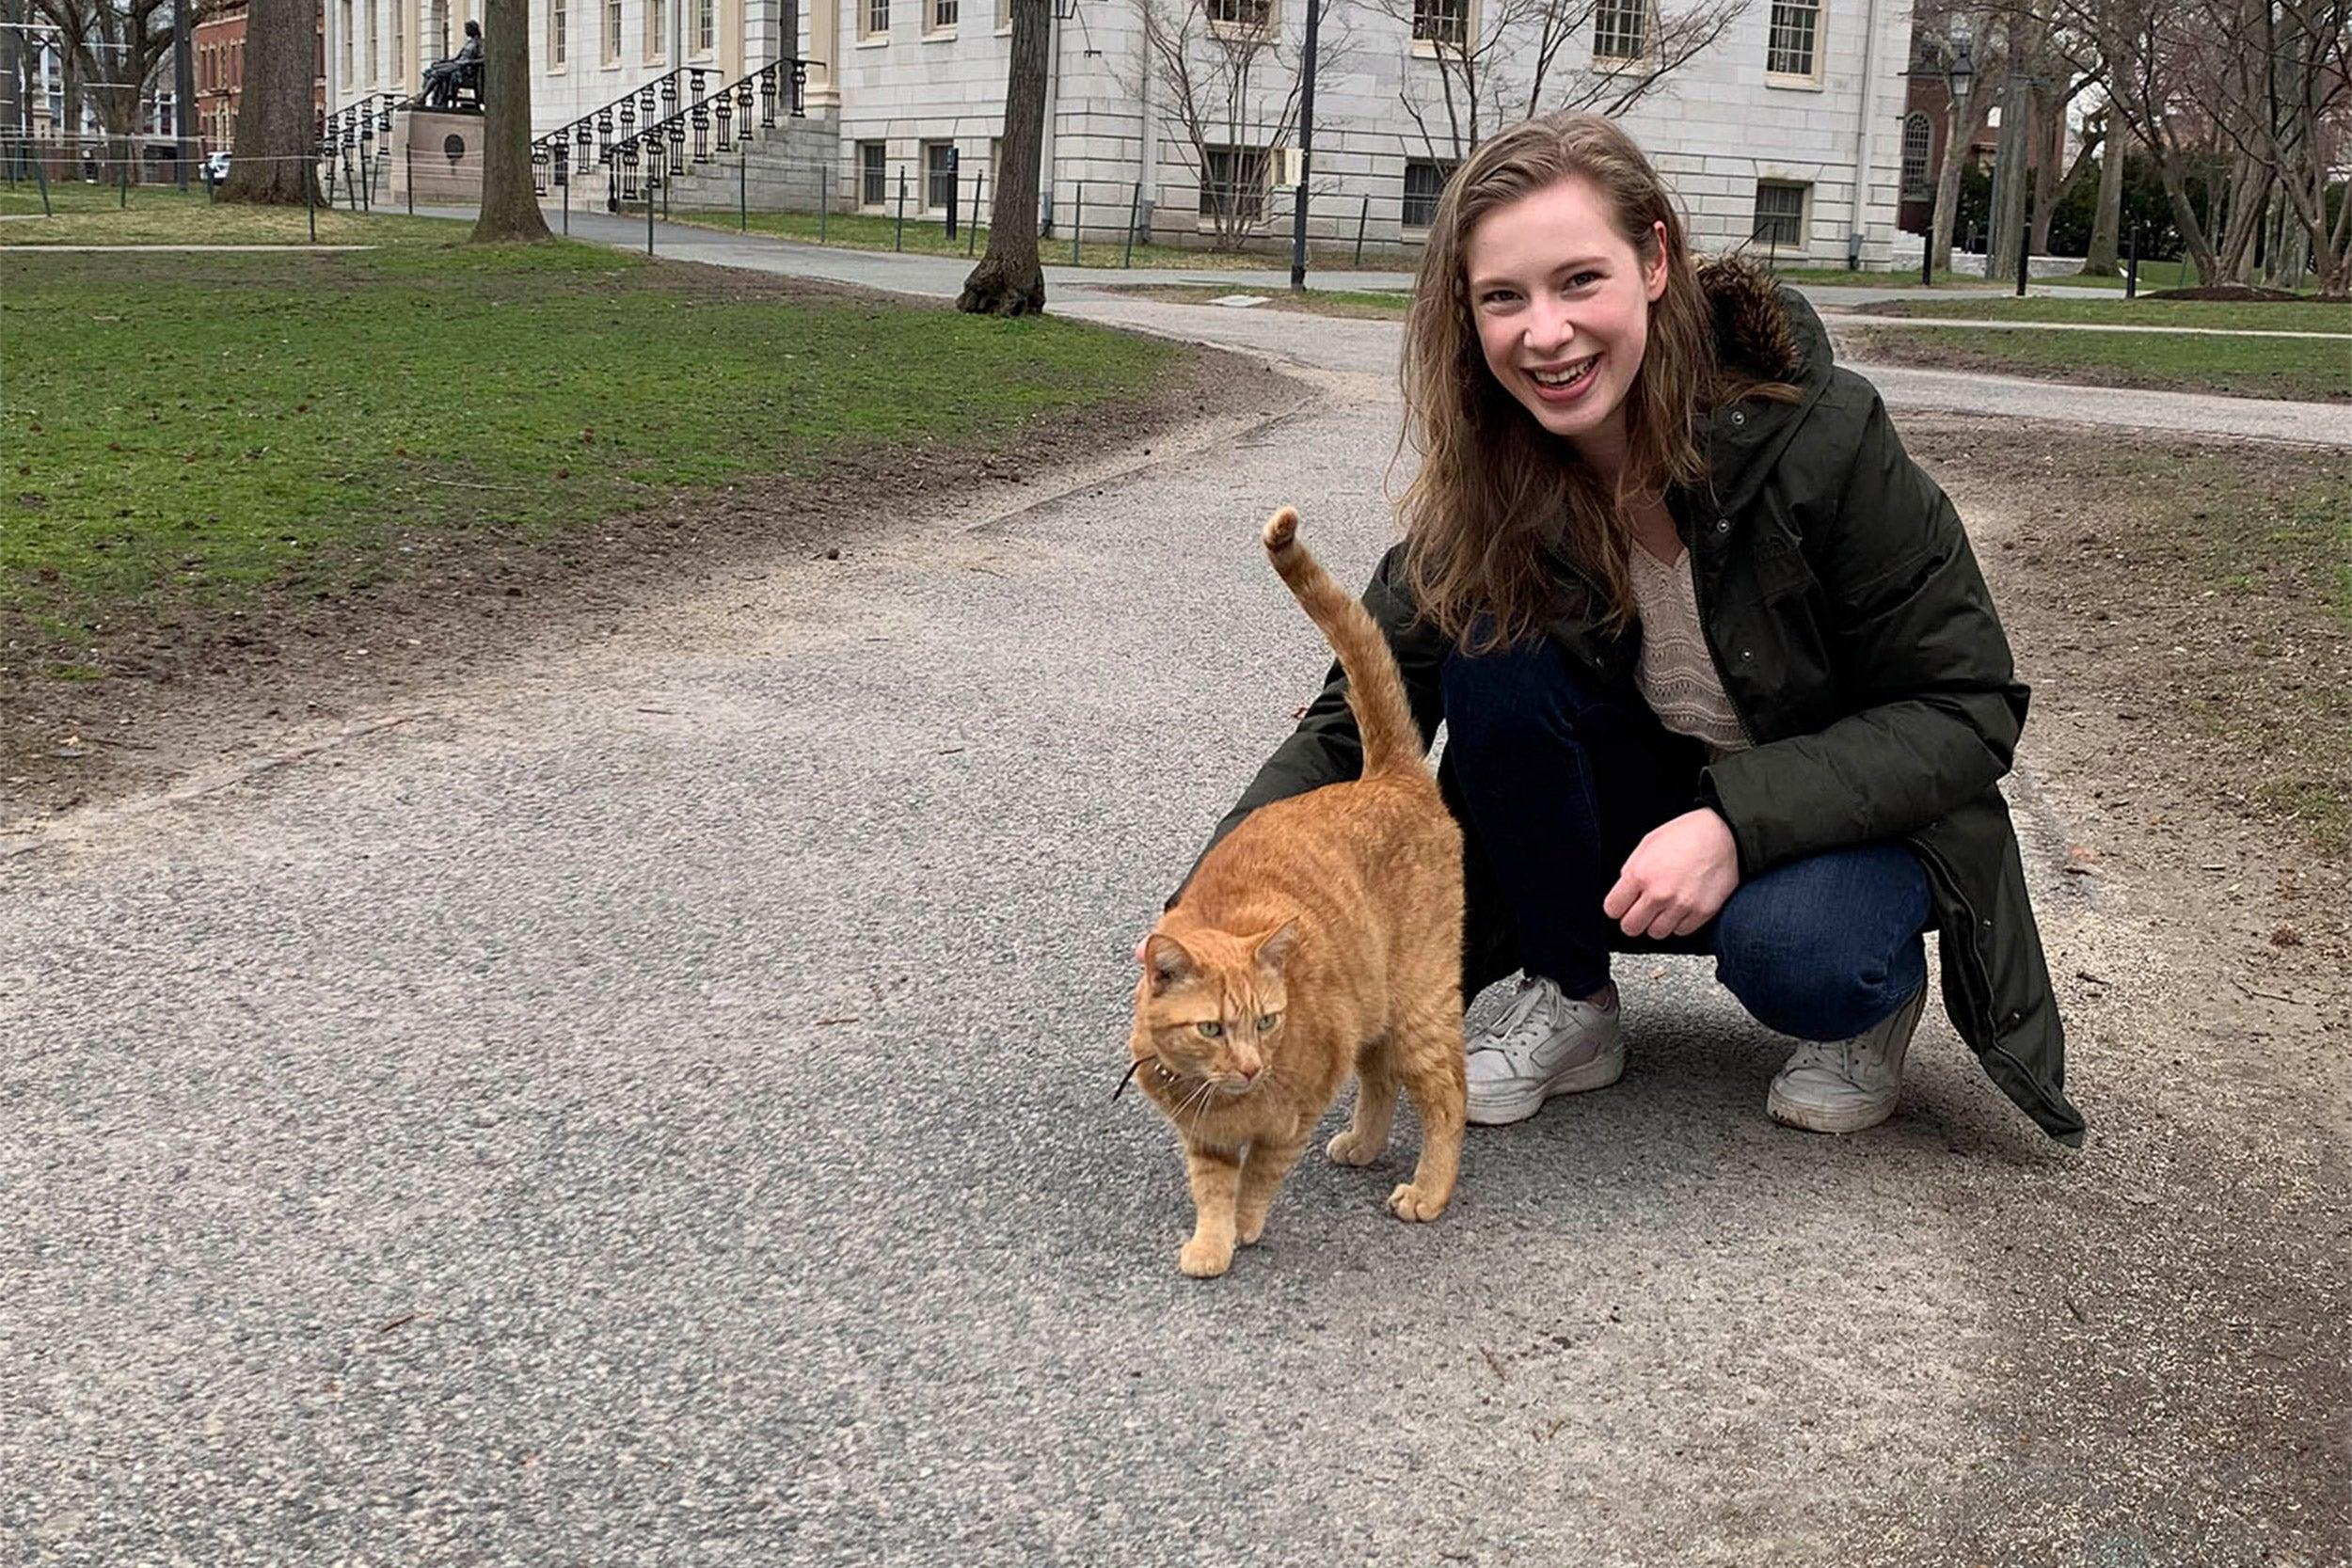 Barbara Oedayrajsingh Varma with Remy the cat.